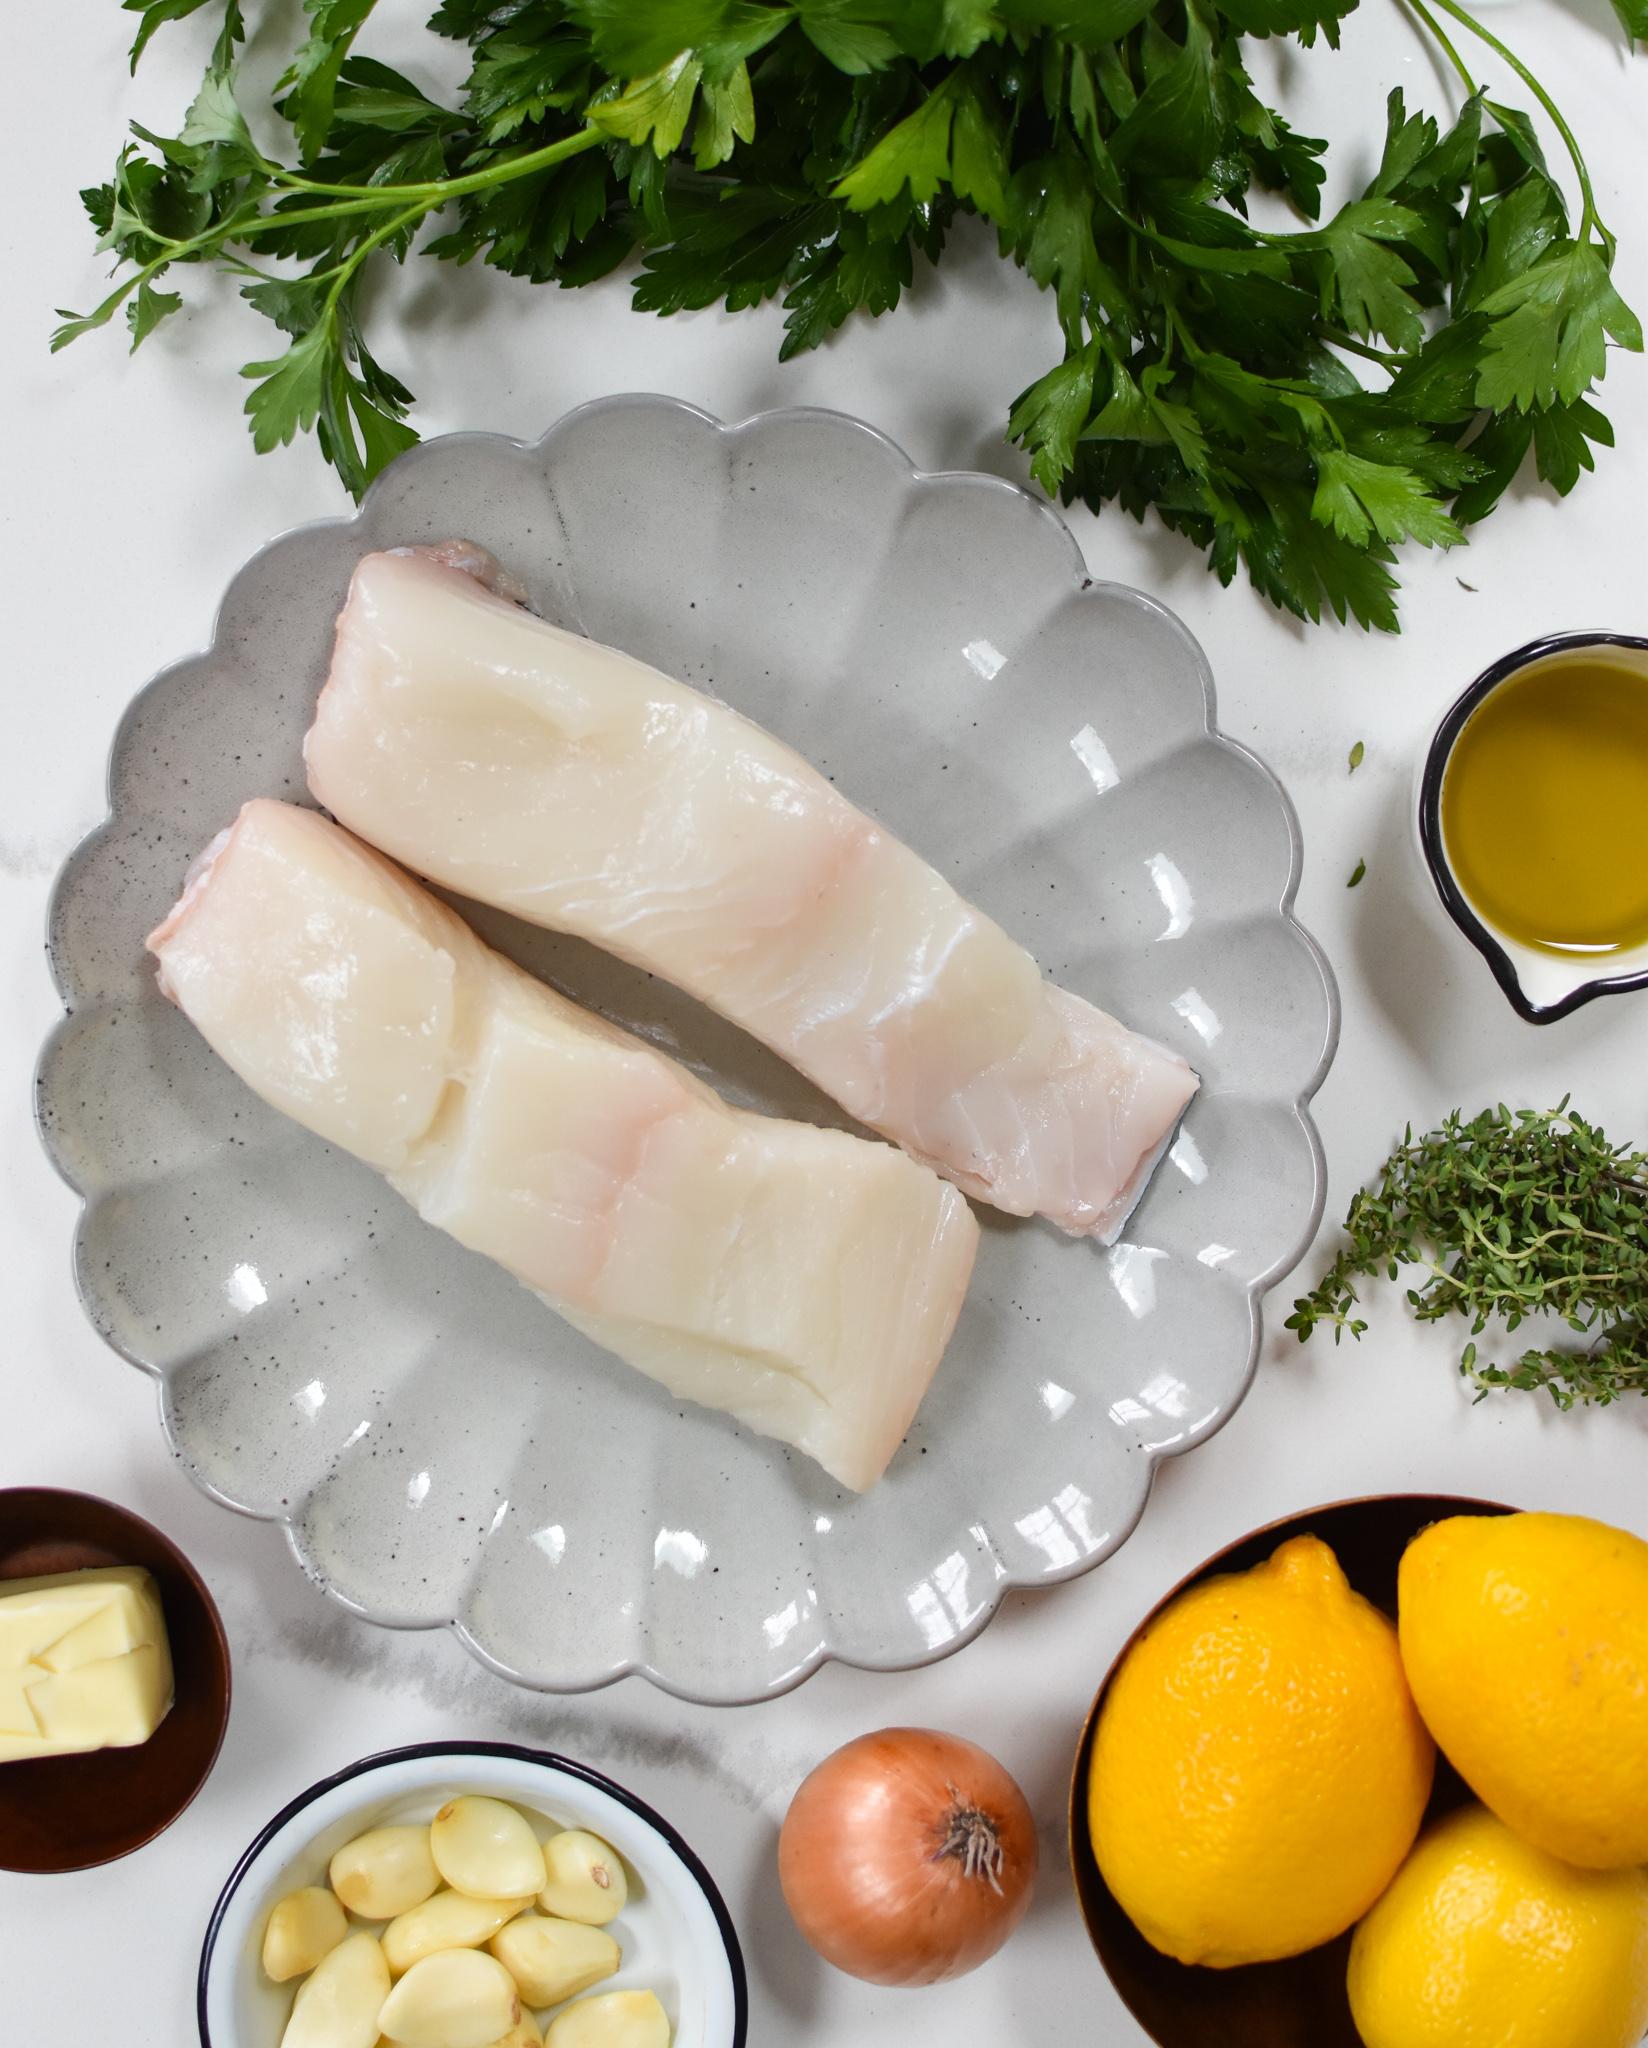 Lemon Garlic Halibut Recipe ingredients.